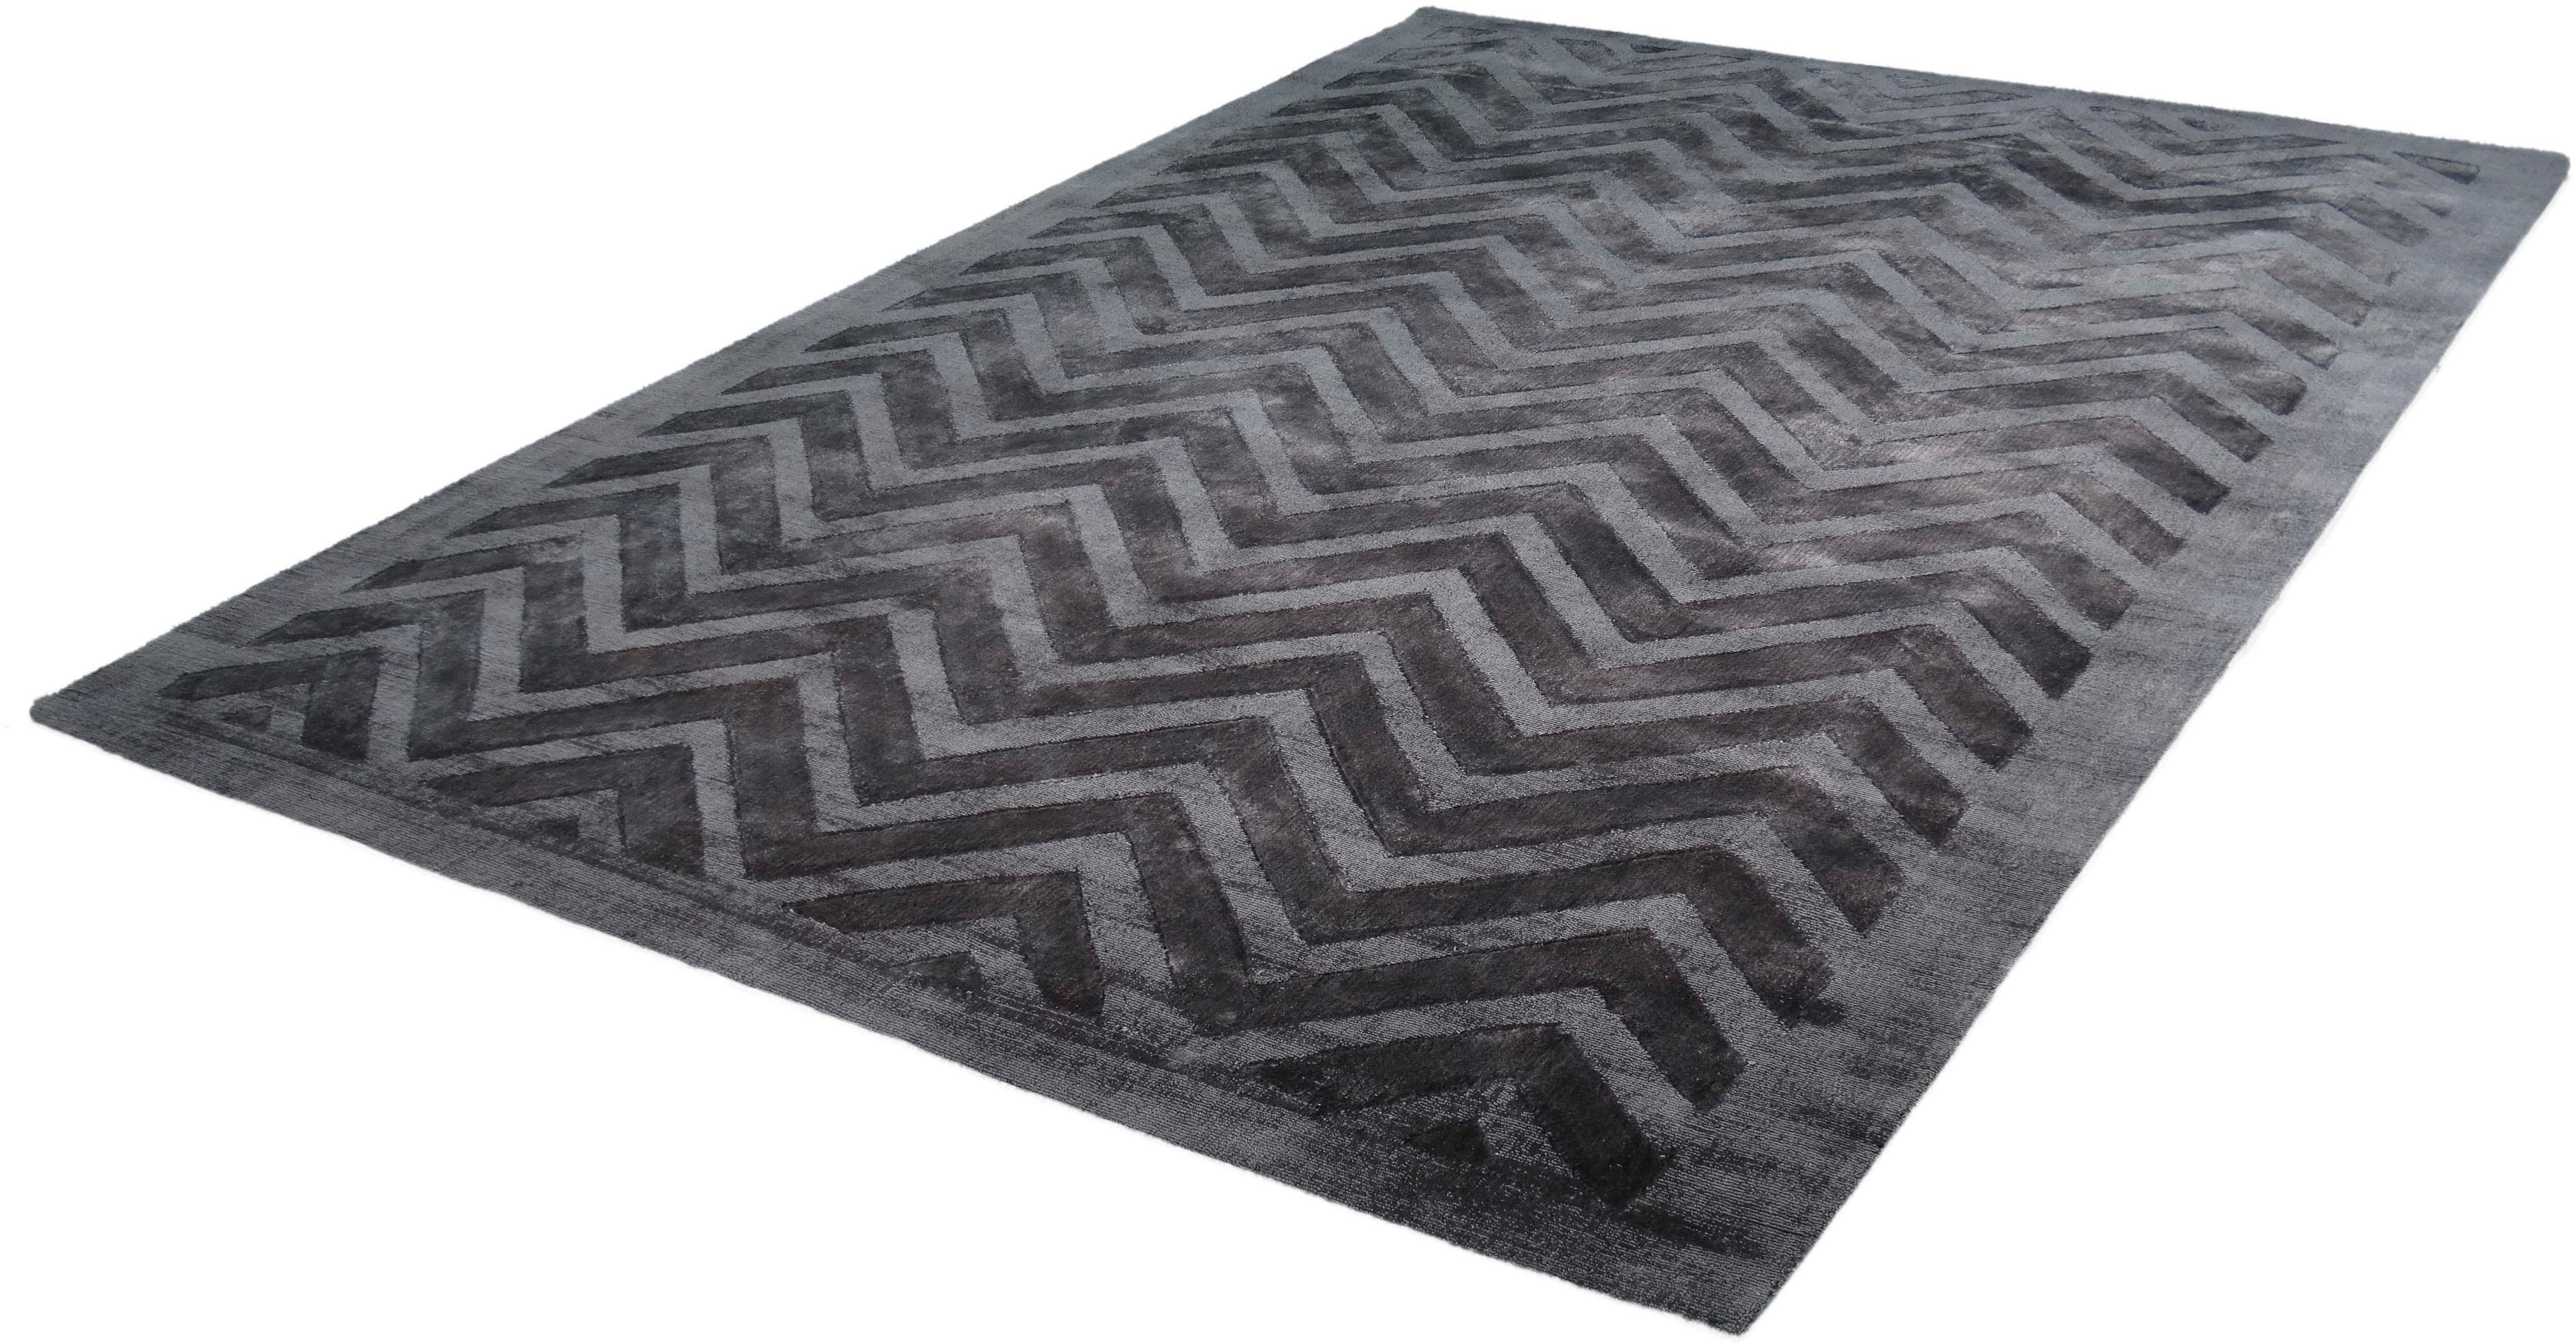 Teppich Viteox 410 calo-deluxe rechteckig Höhe 13 mm handgewebt